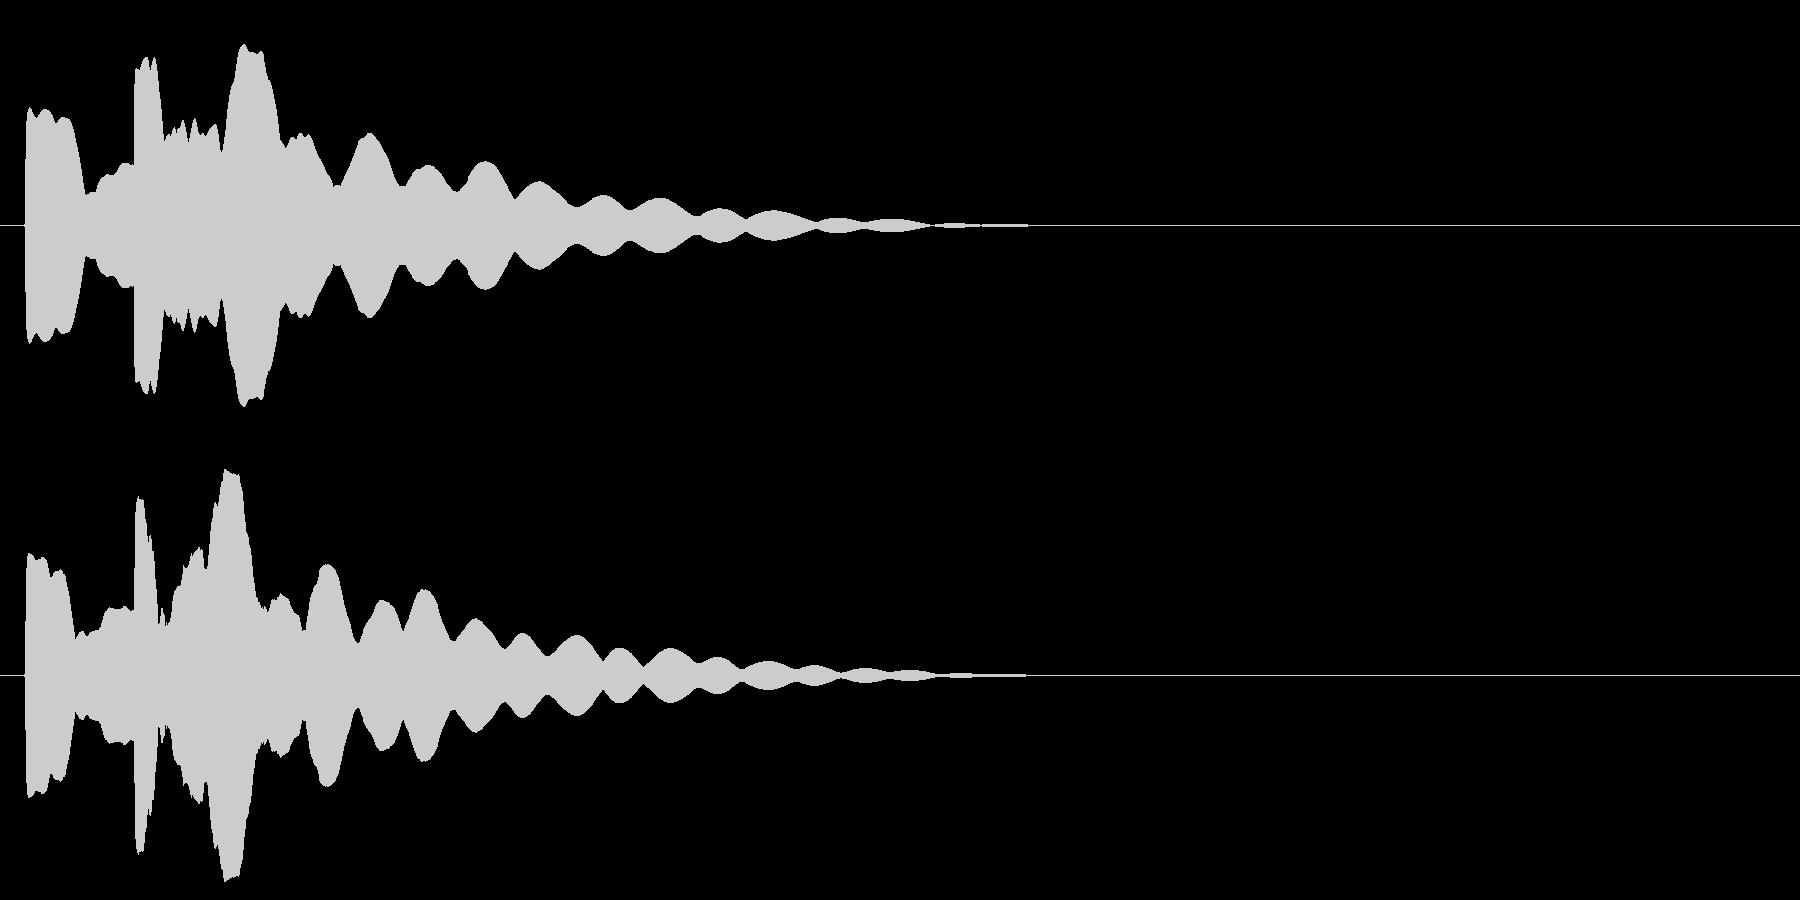 ピコン。明るめなベルの音です。の未再生の波形